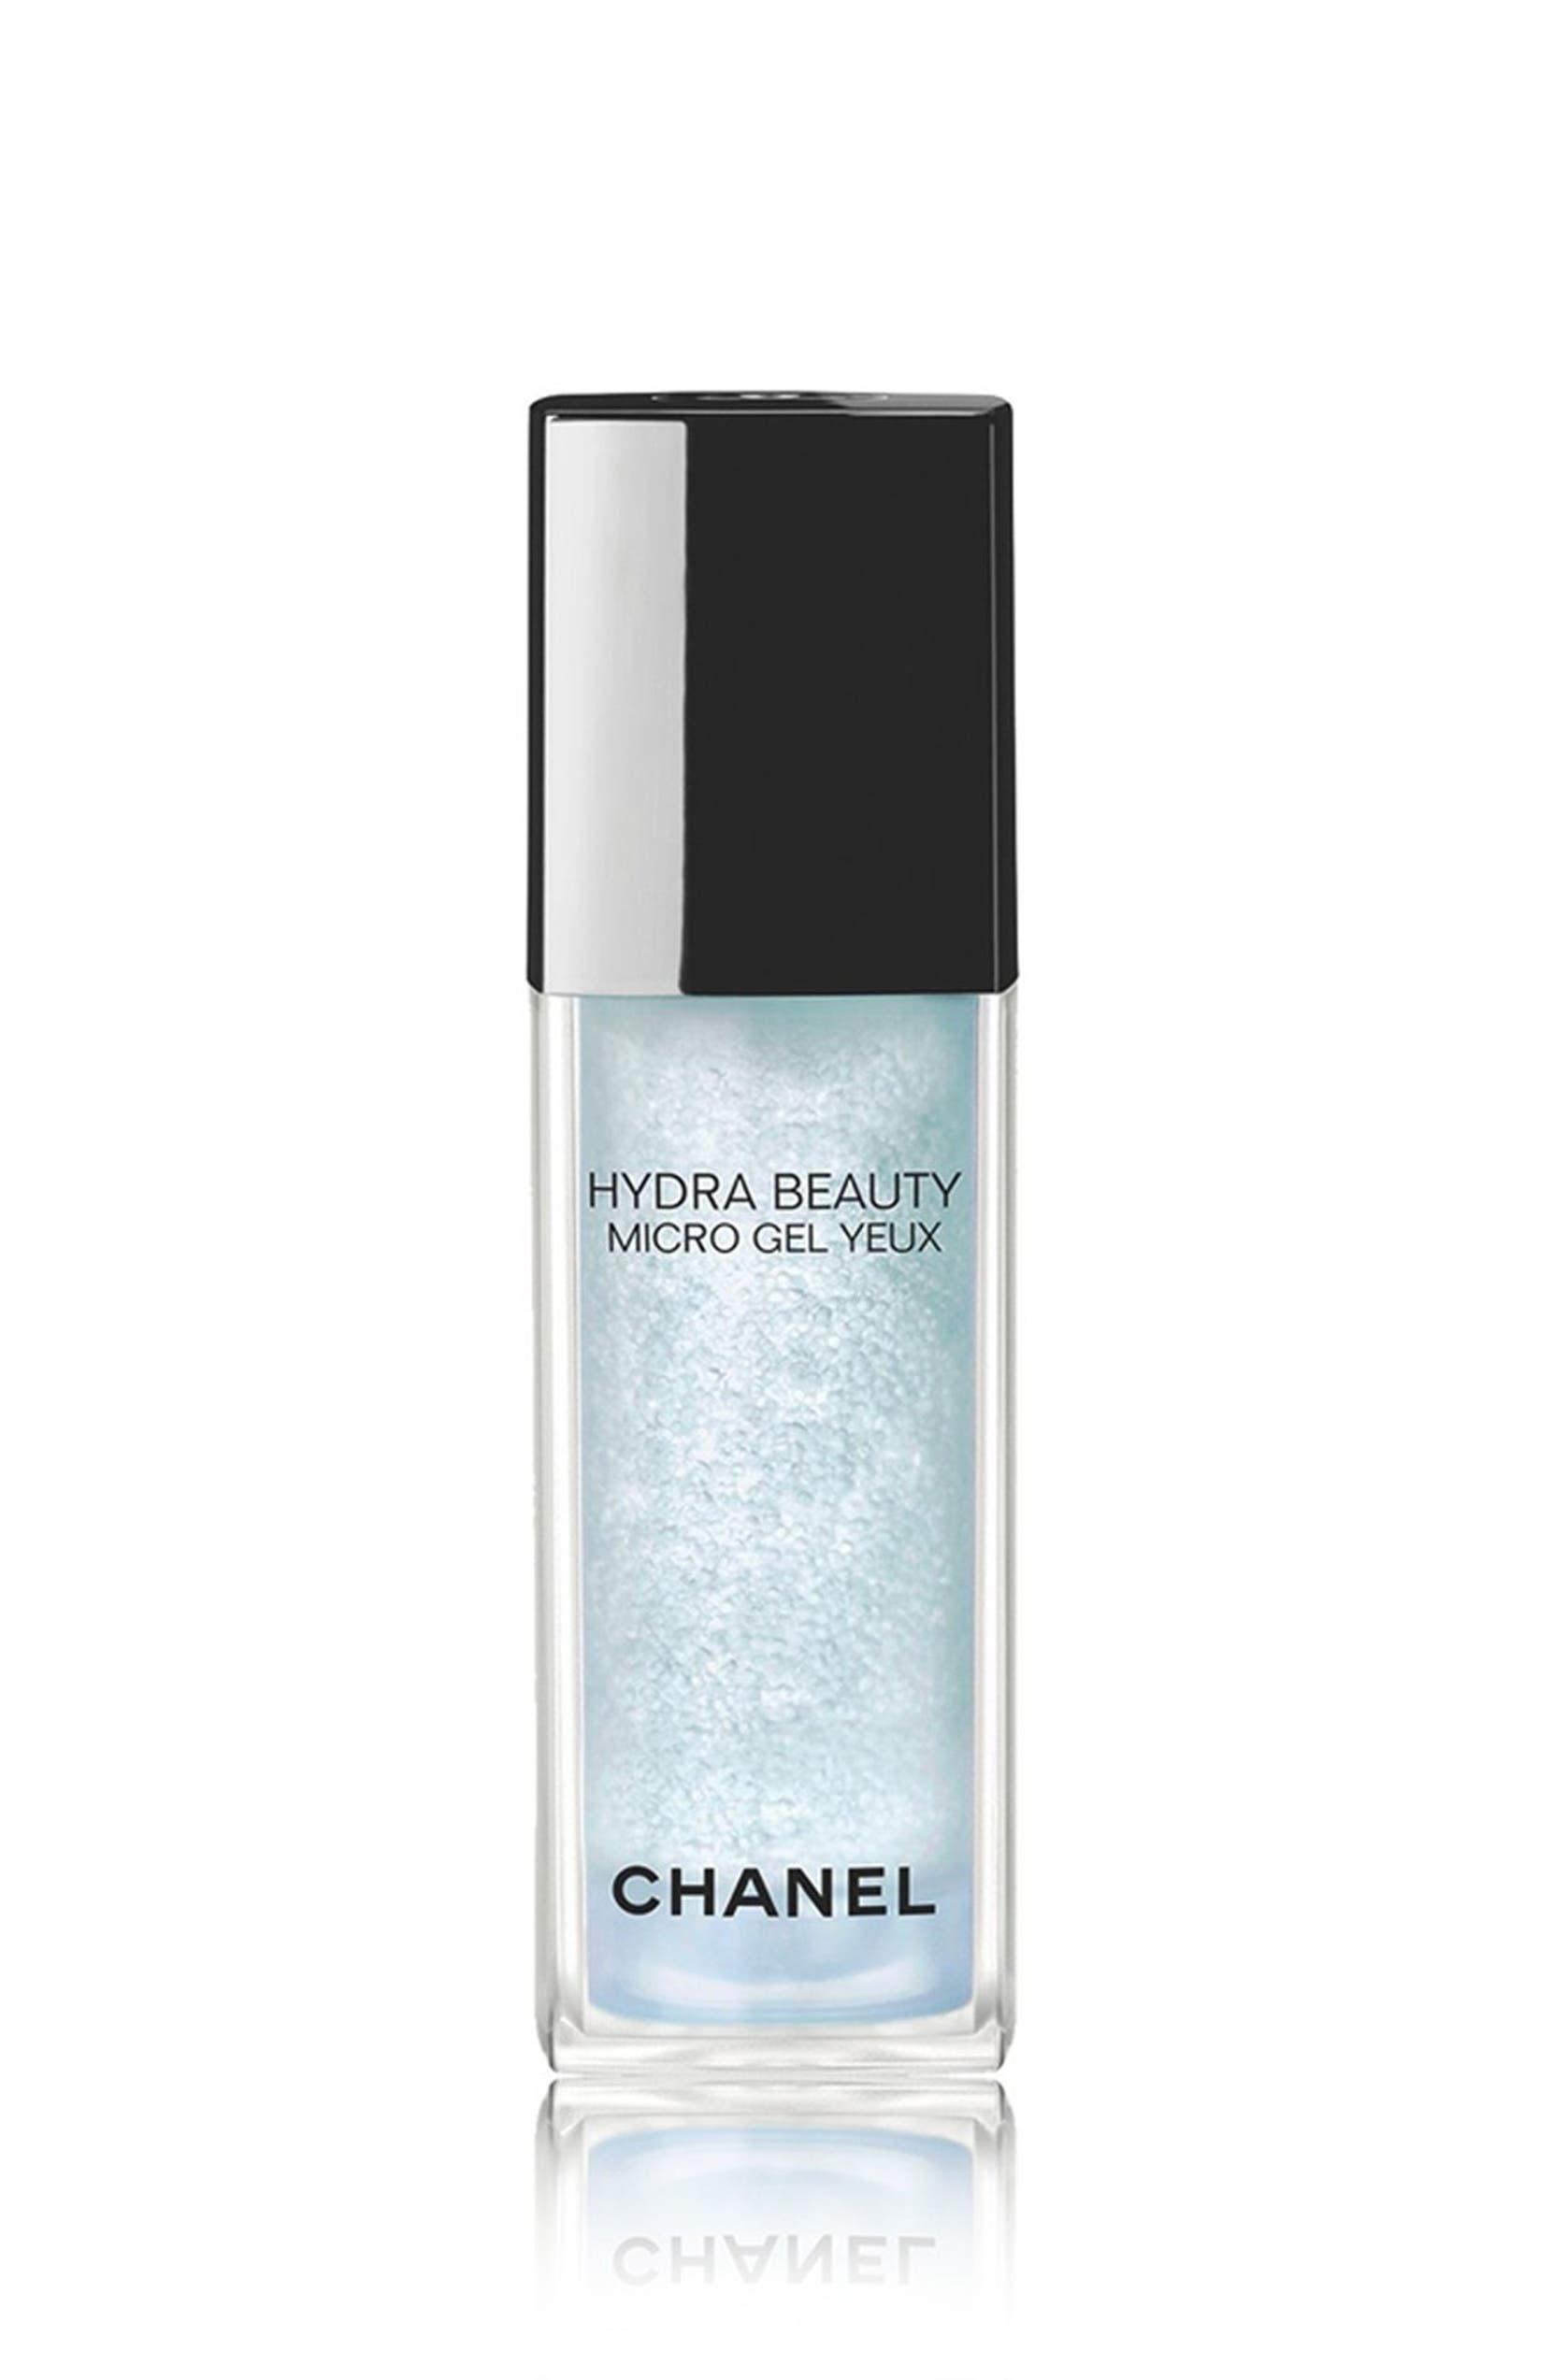 CHANEL HYDRA BEAUTY MICRO GEL YEUX Intense Smoothing Hydration Eye Gel  db89a4af2f